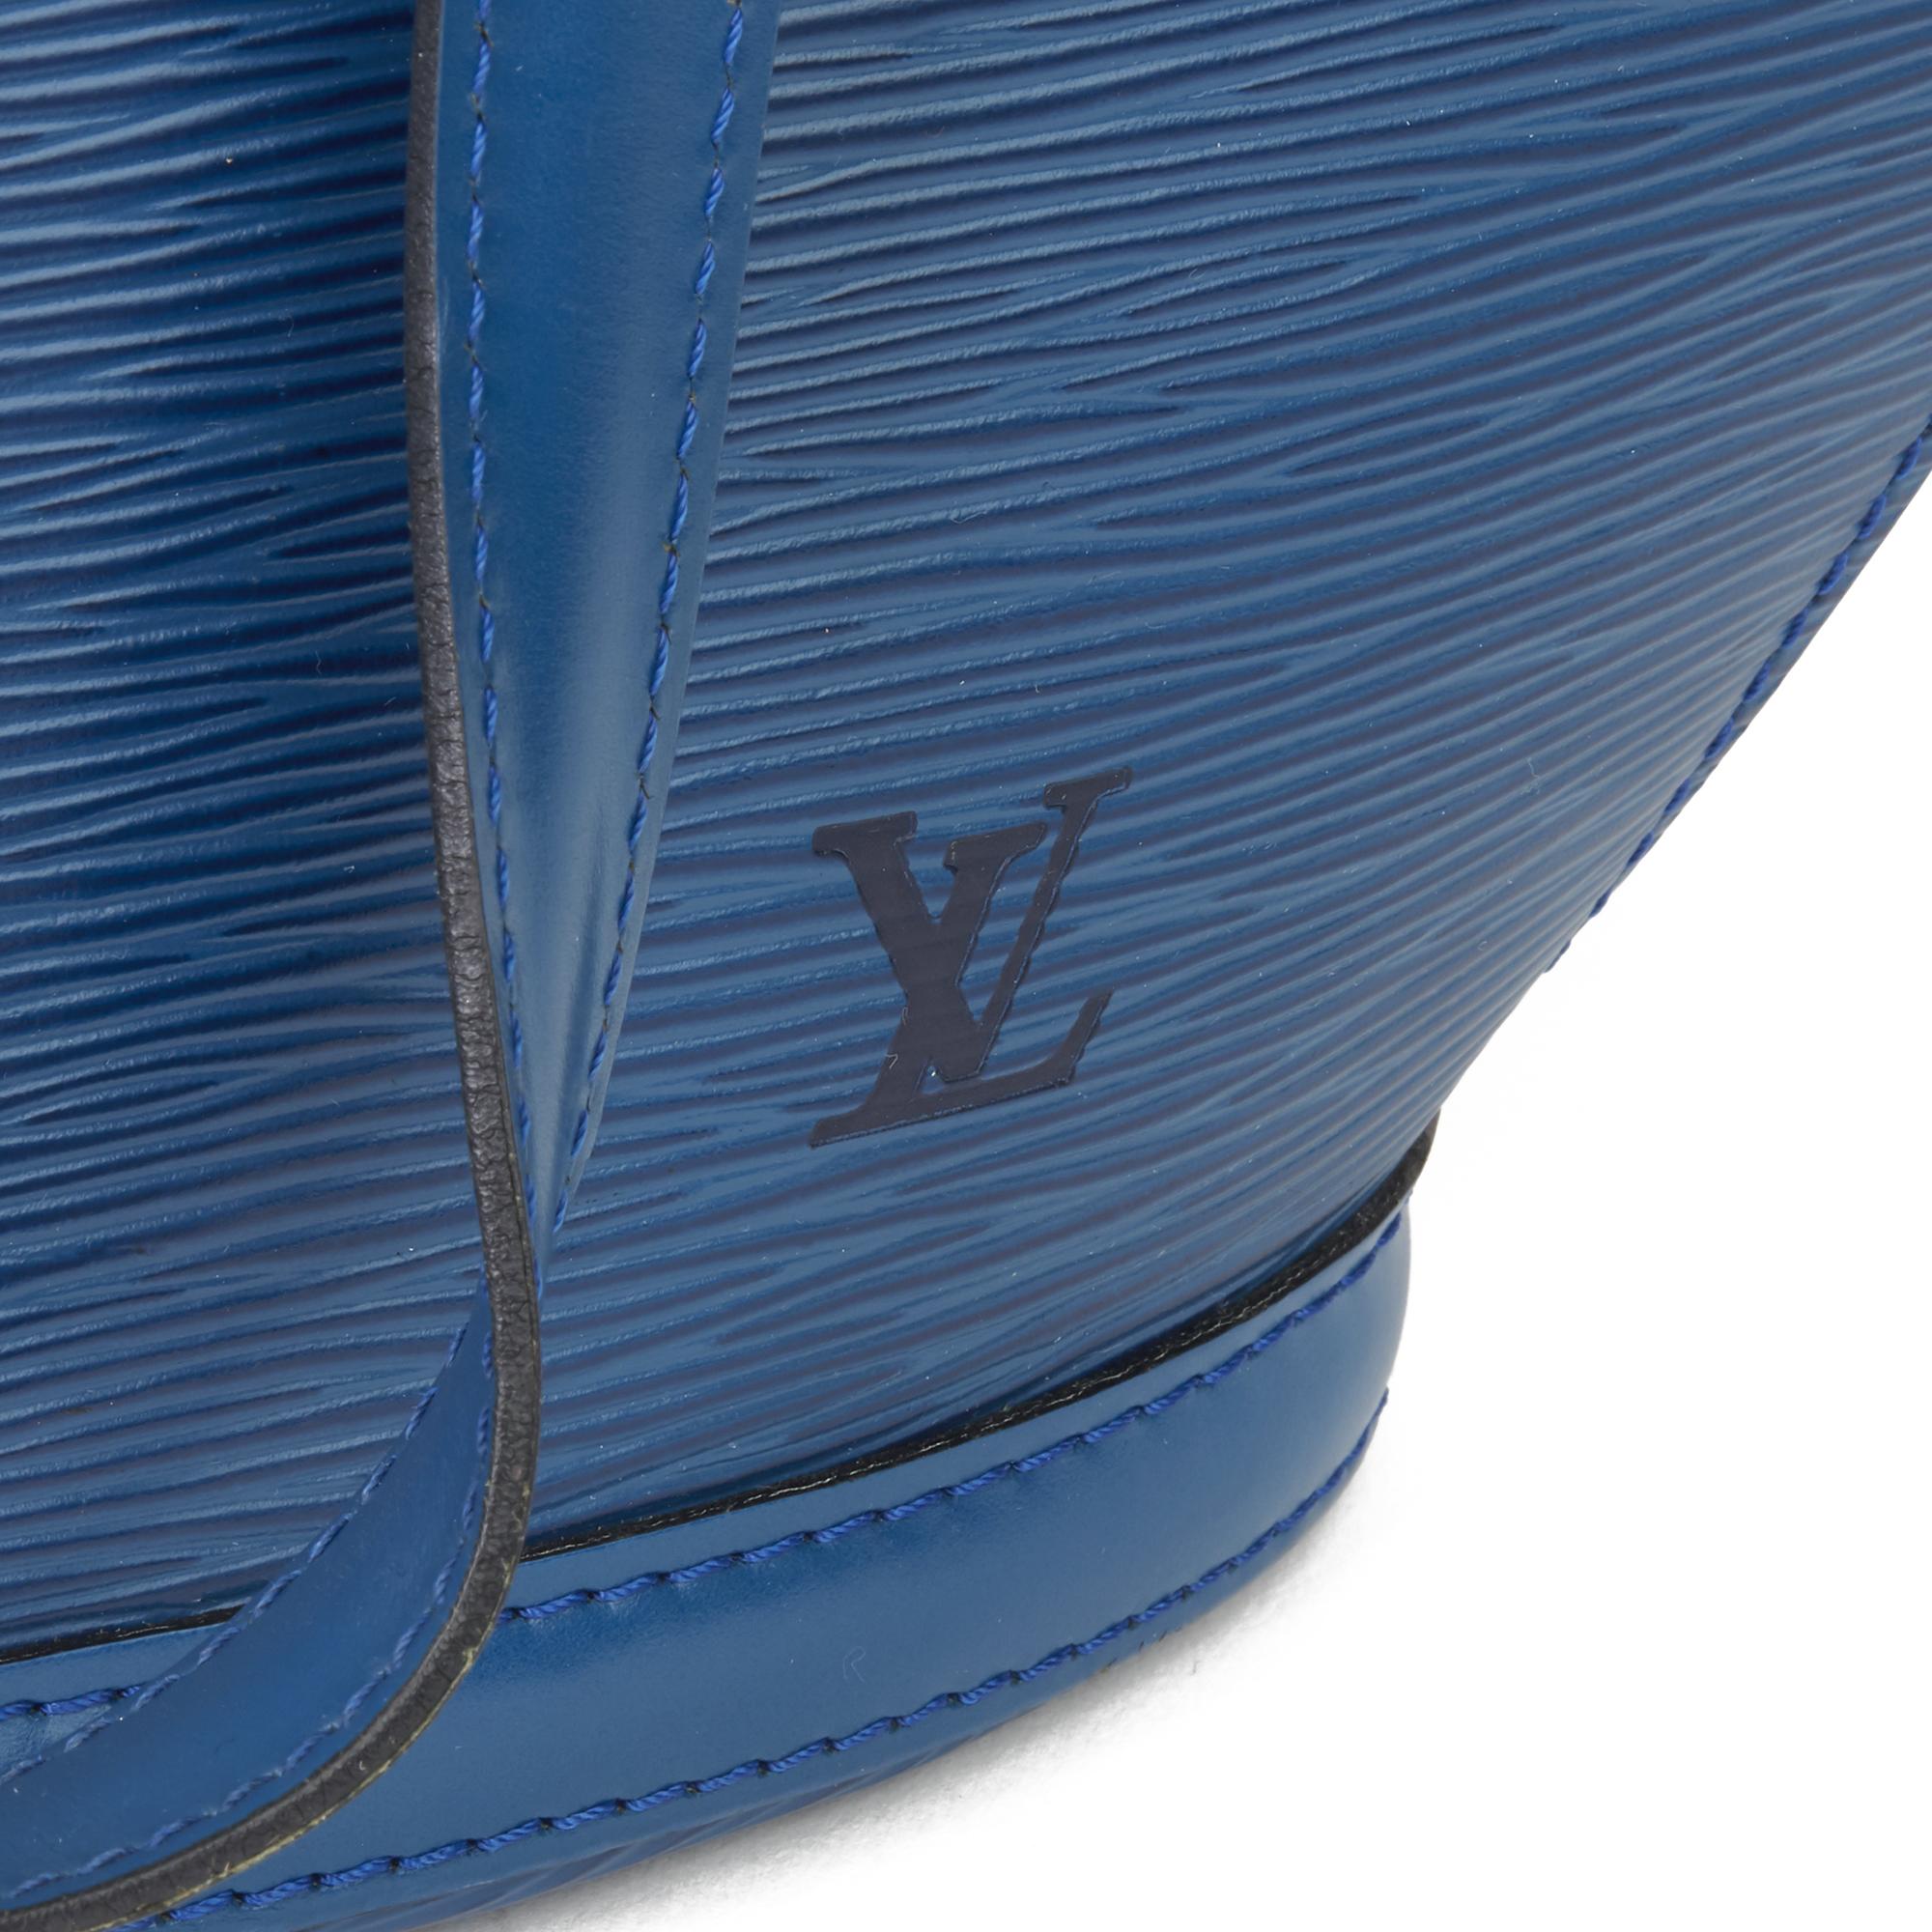 Louis Vuitton Blue Epi Leather Vintage Saint Jacques PM - Image 6 of 11